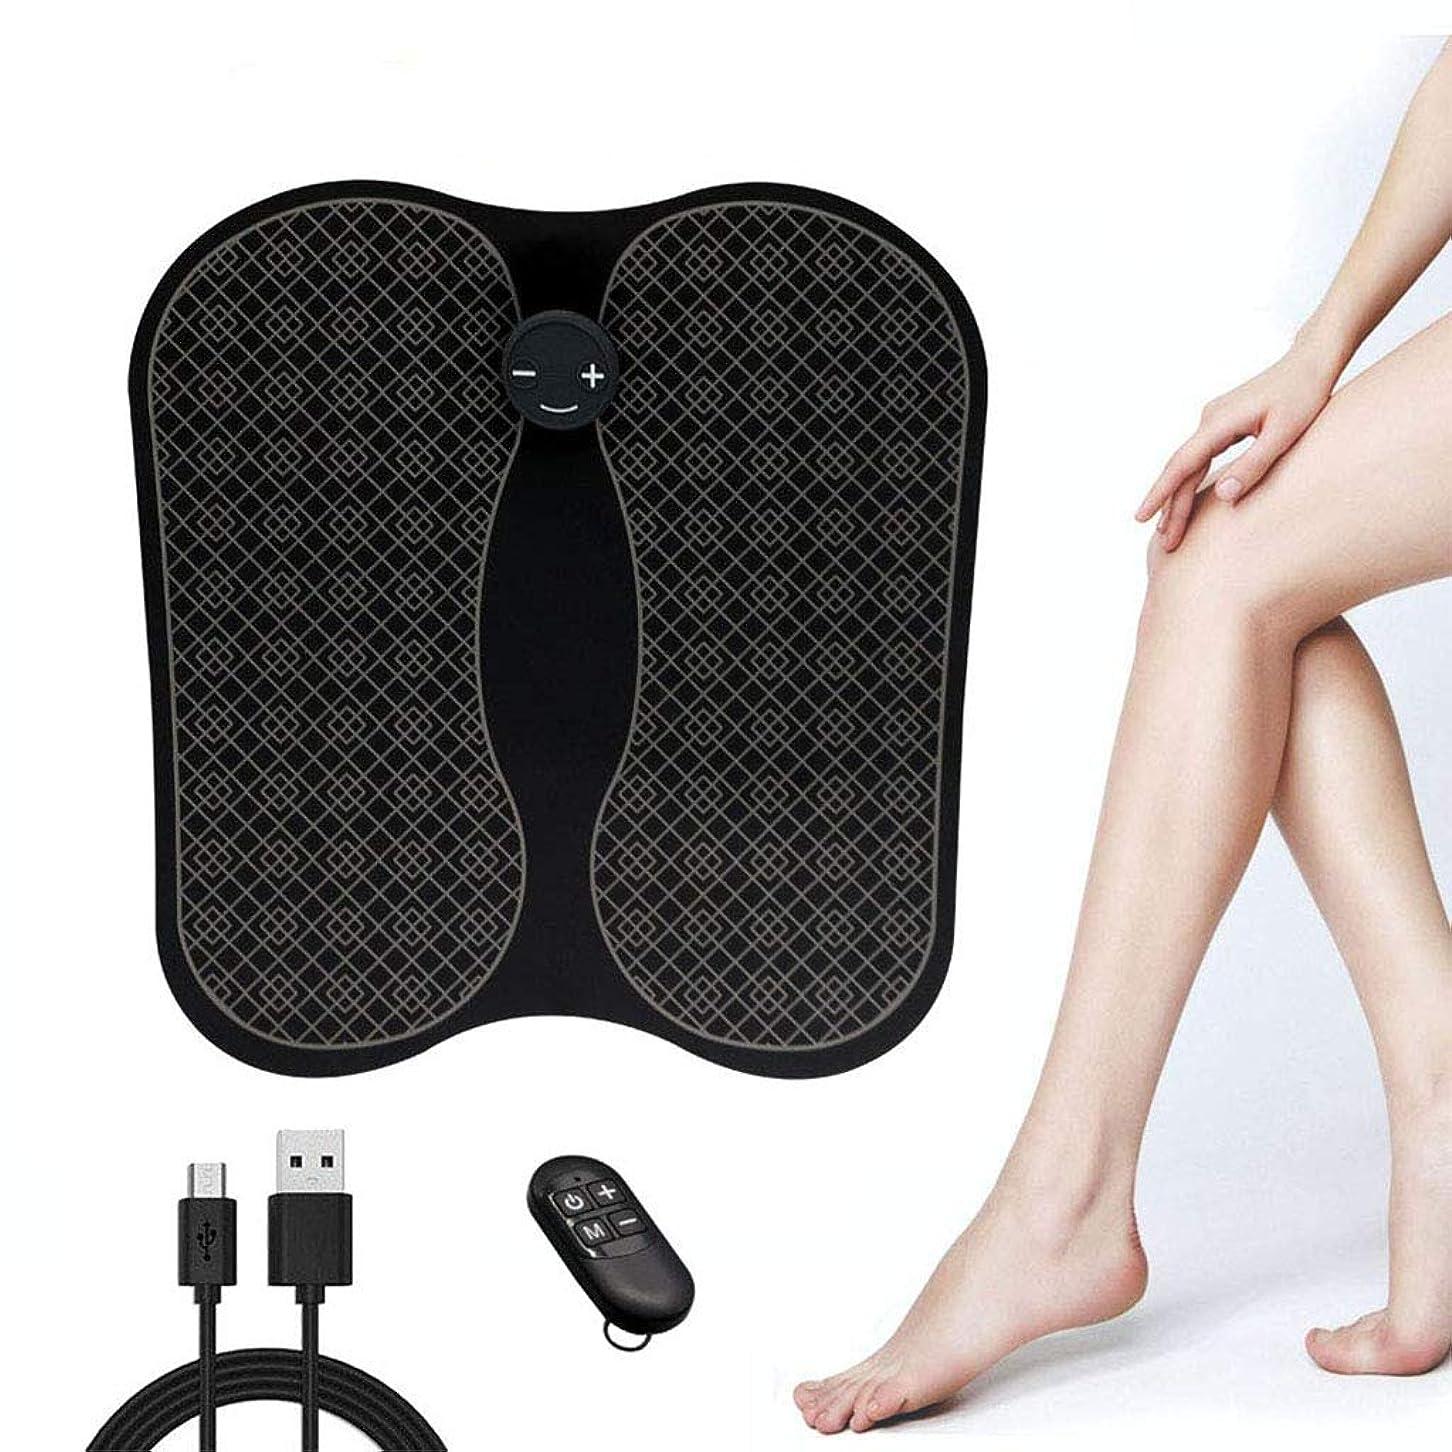 エキス固体所有権USBフットマッサージャー-血液循環を促進し、筋肉痛を和らげます,黒